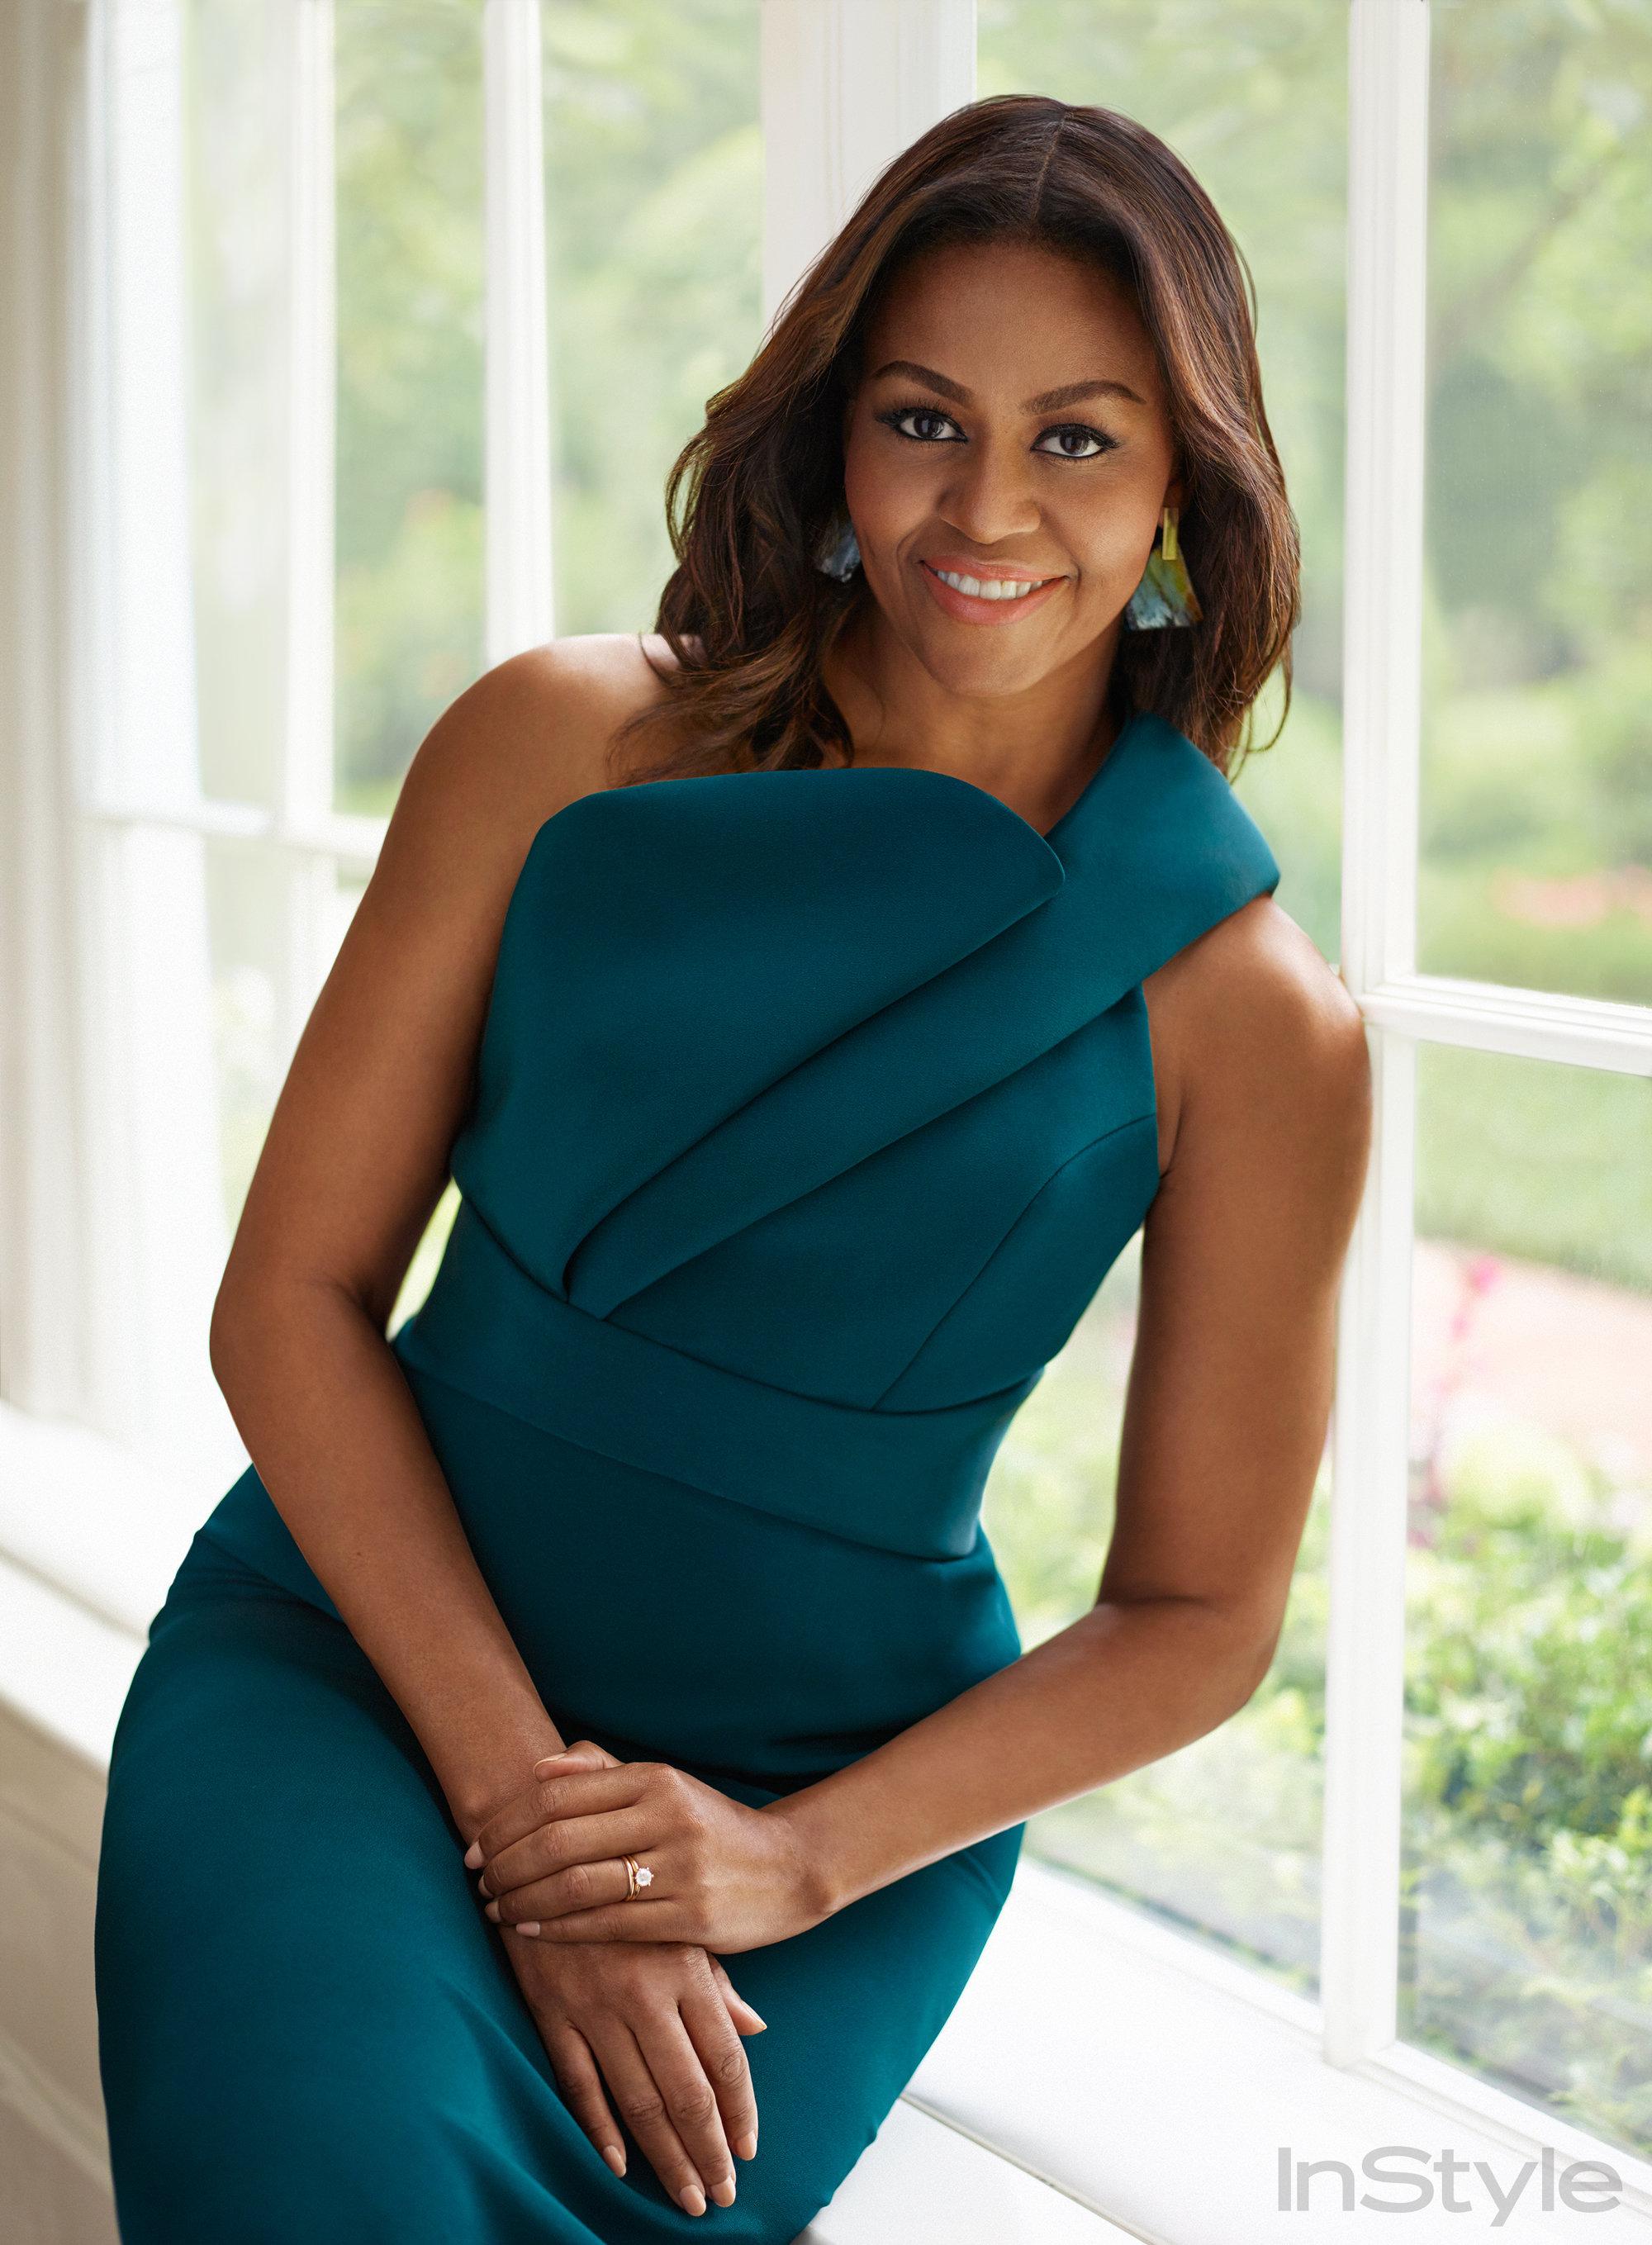 090216-michelle-obama-cover (1)